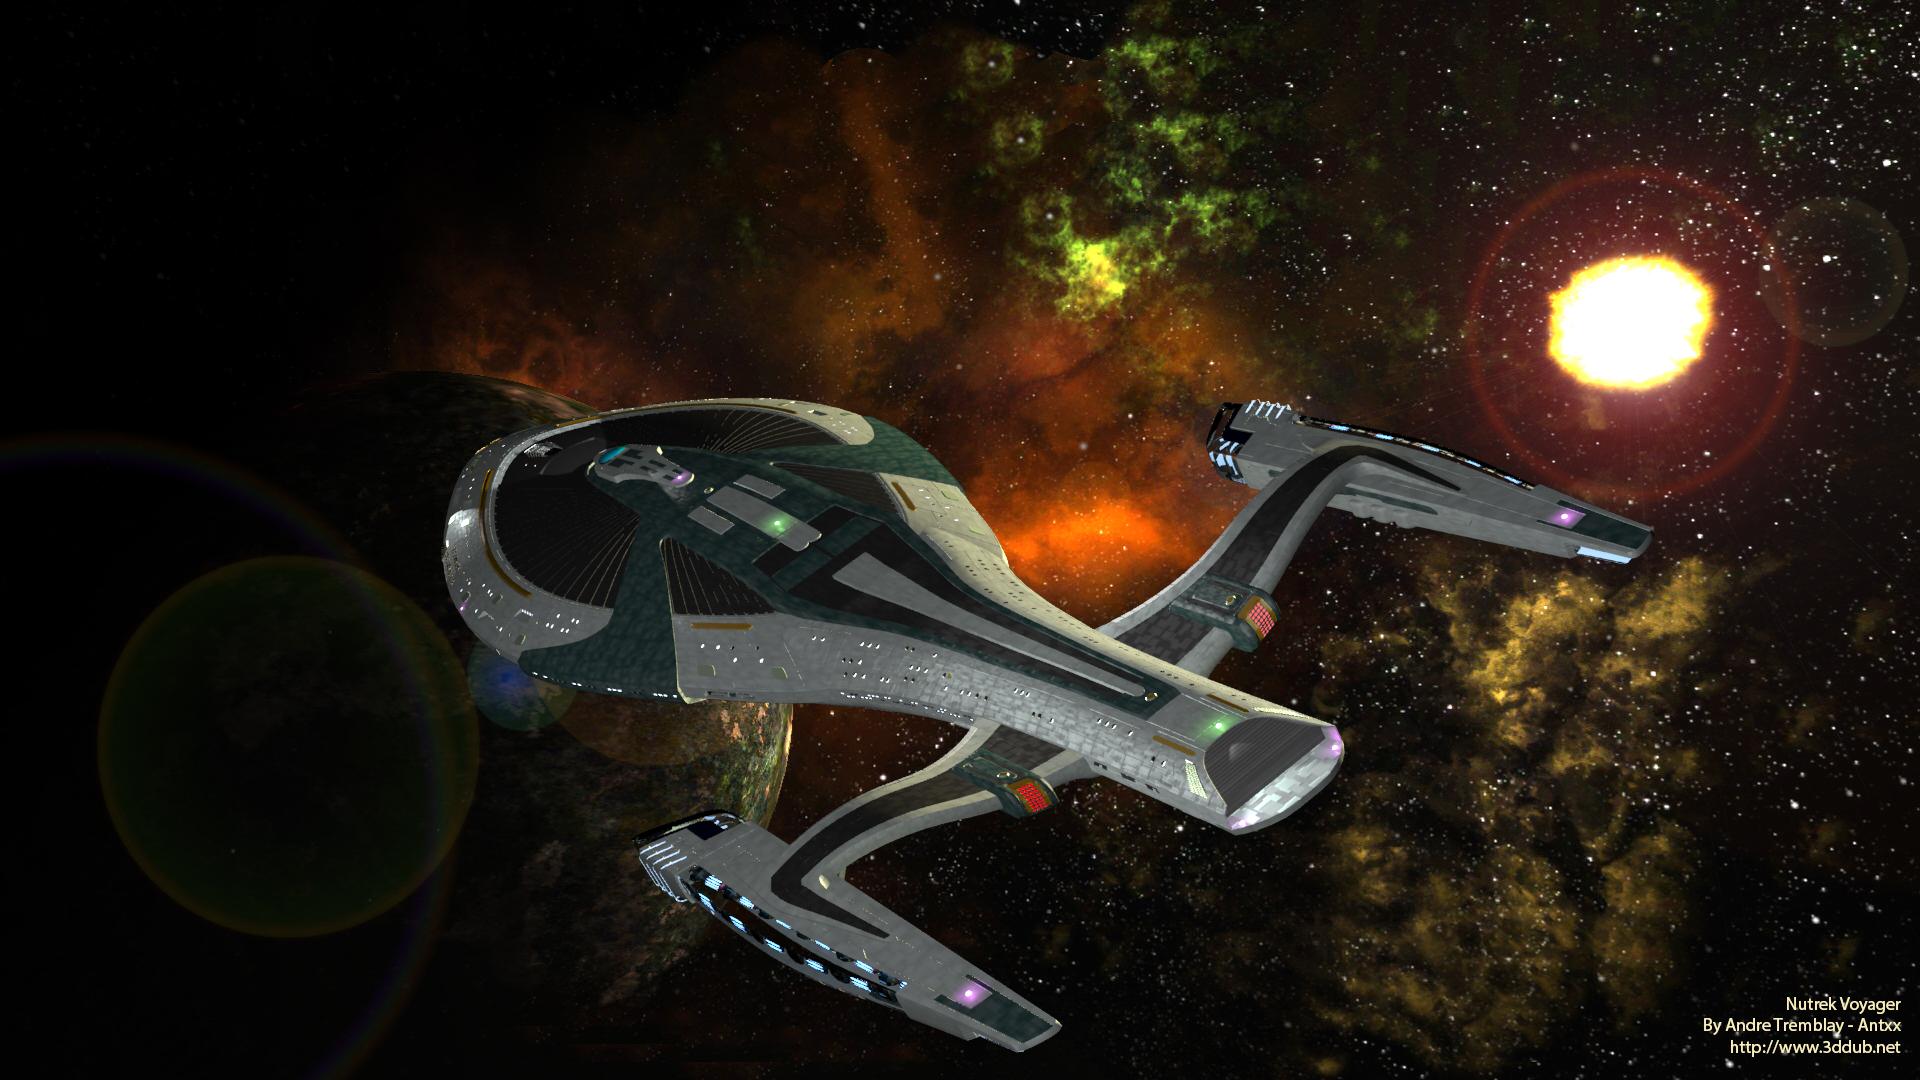 Nutrek JJverse U.S.S. Voyager